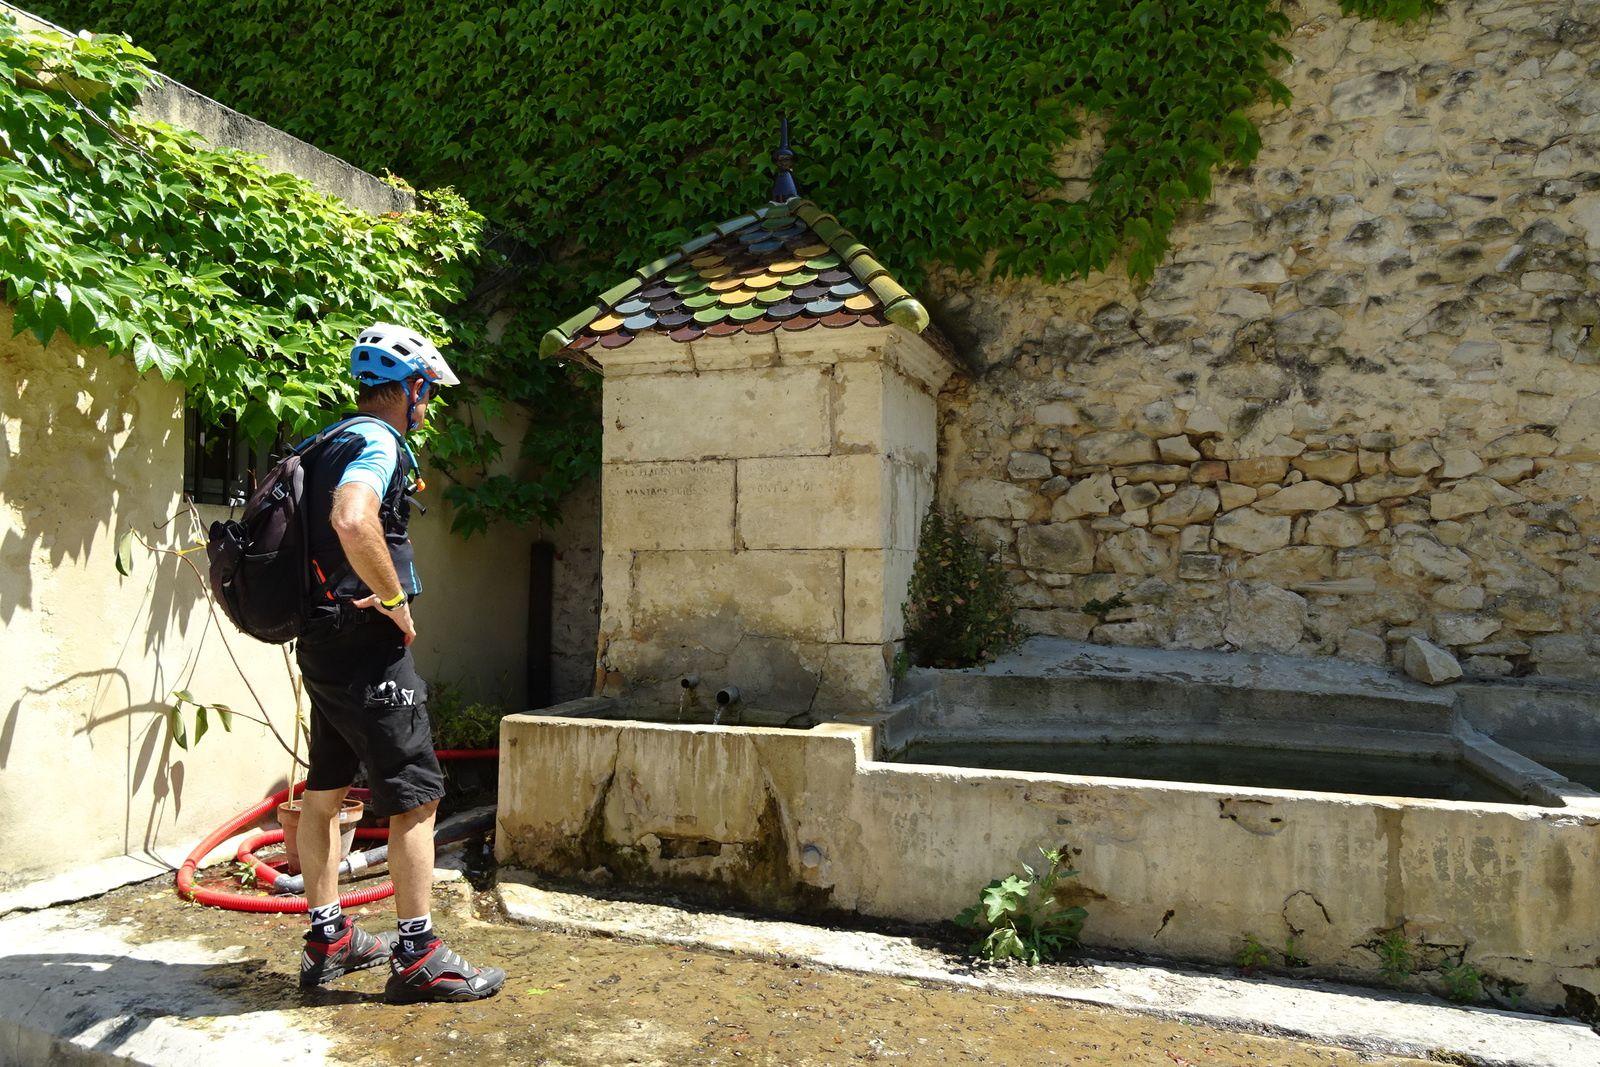 La fontaine et ses tuiles vernissées, on y remplit nos poches à eau.